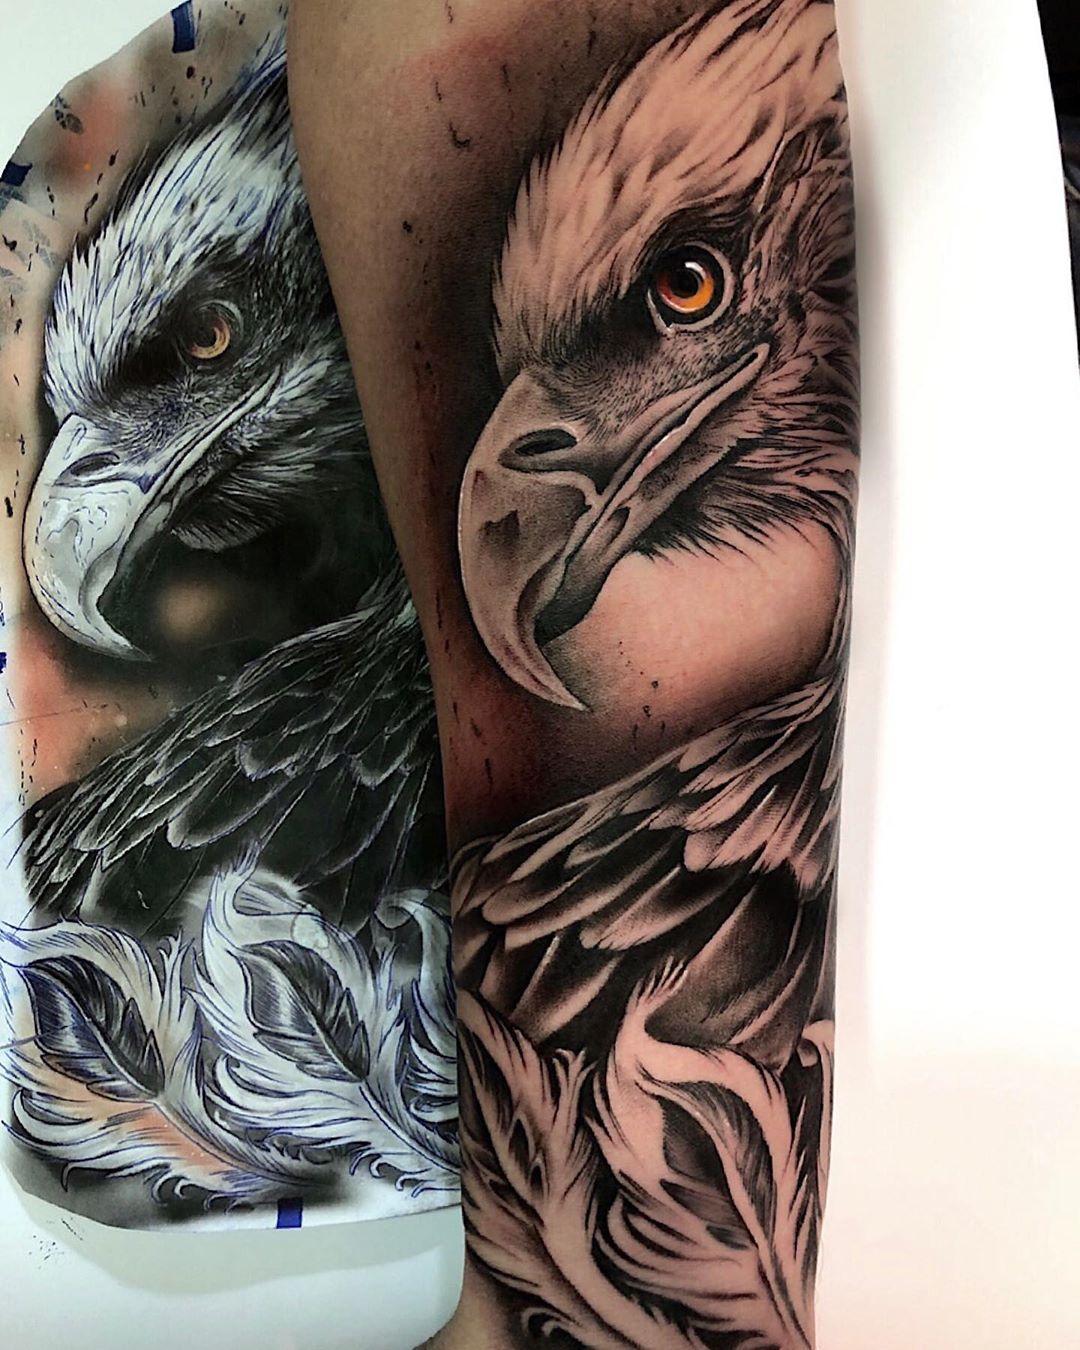 follow,followme,followforlike,ink,inked,inkgirl,tattoo,tattoostyle,tattoolife,tattooart,fenix,ciudadreal,puertollano,madrid,daimiel,realismotattoo,ciudadrealtatuajes,tatuajesciudadreal,follow,ciudadrealtatuajes,puertollano,tattooers,besttattooers,juantabasco,ciudadrealsetatua,ink,tatuajes,realismo,realistictattoo,thebesttattooartists